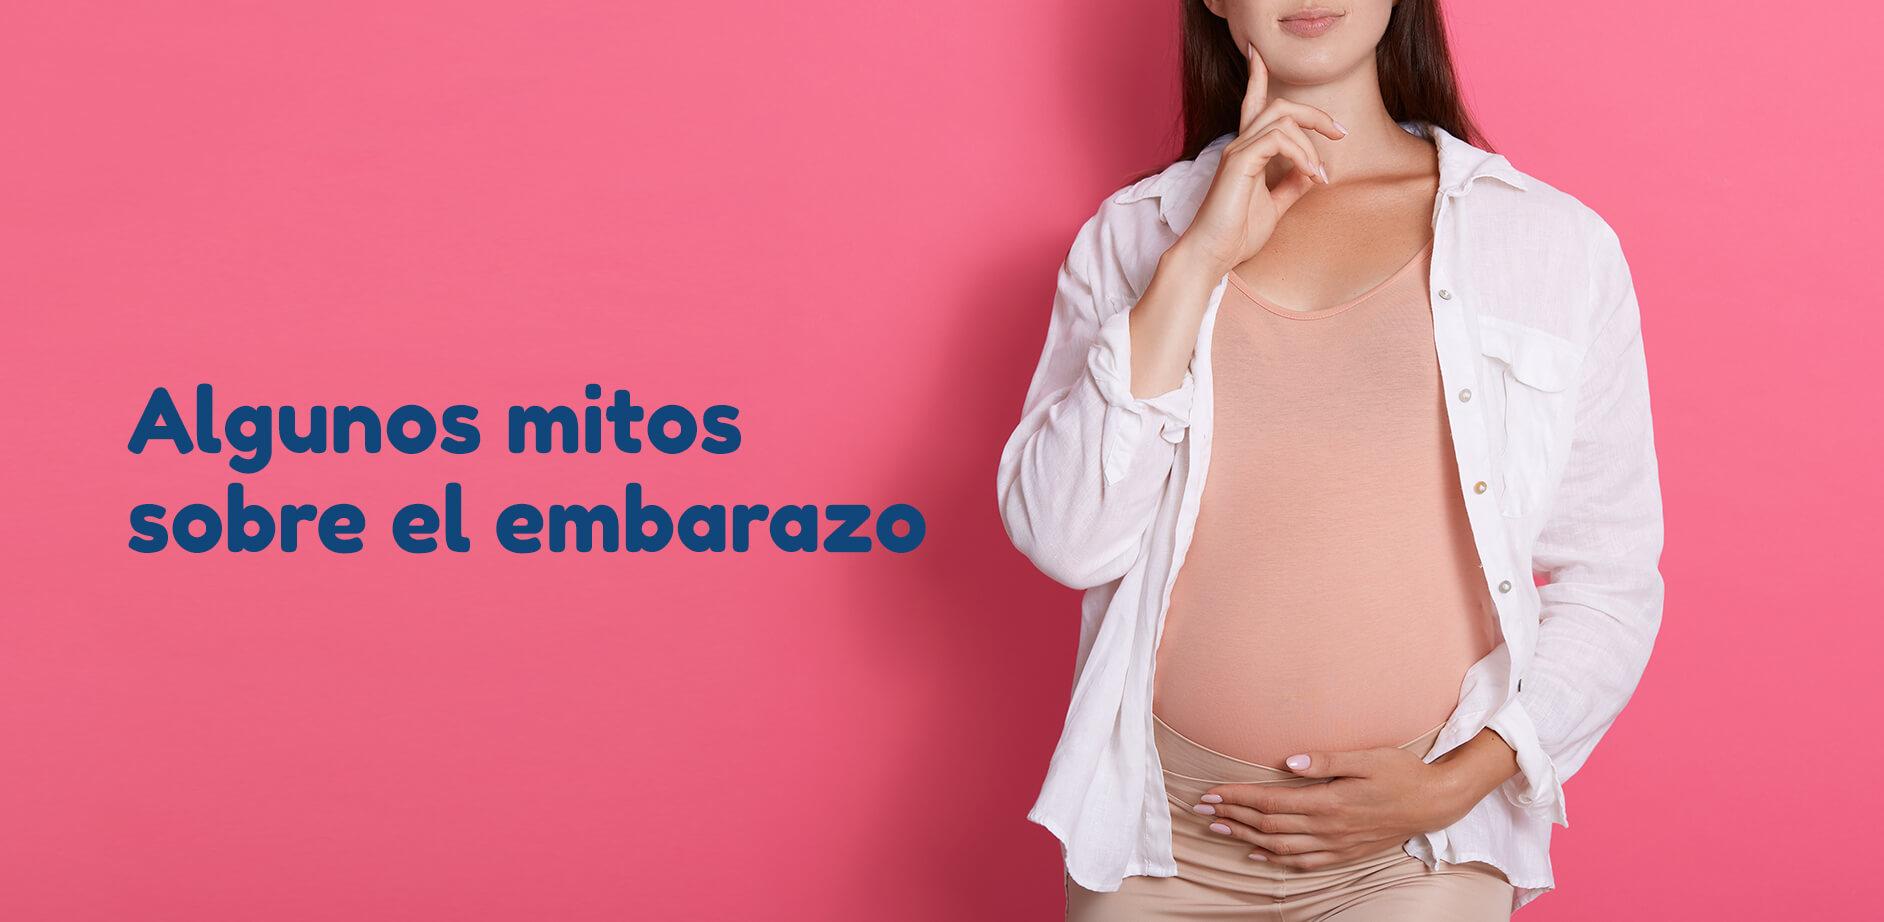 Algunos mitos sobre el embarazo